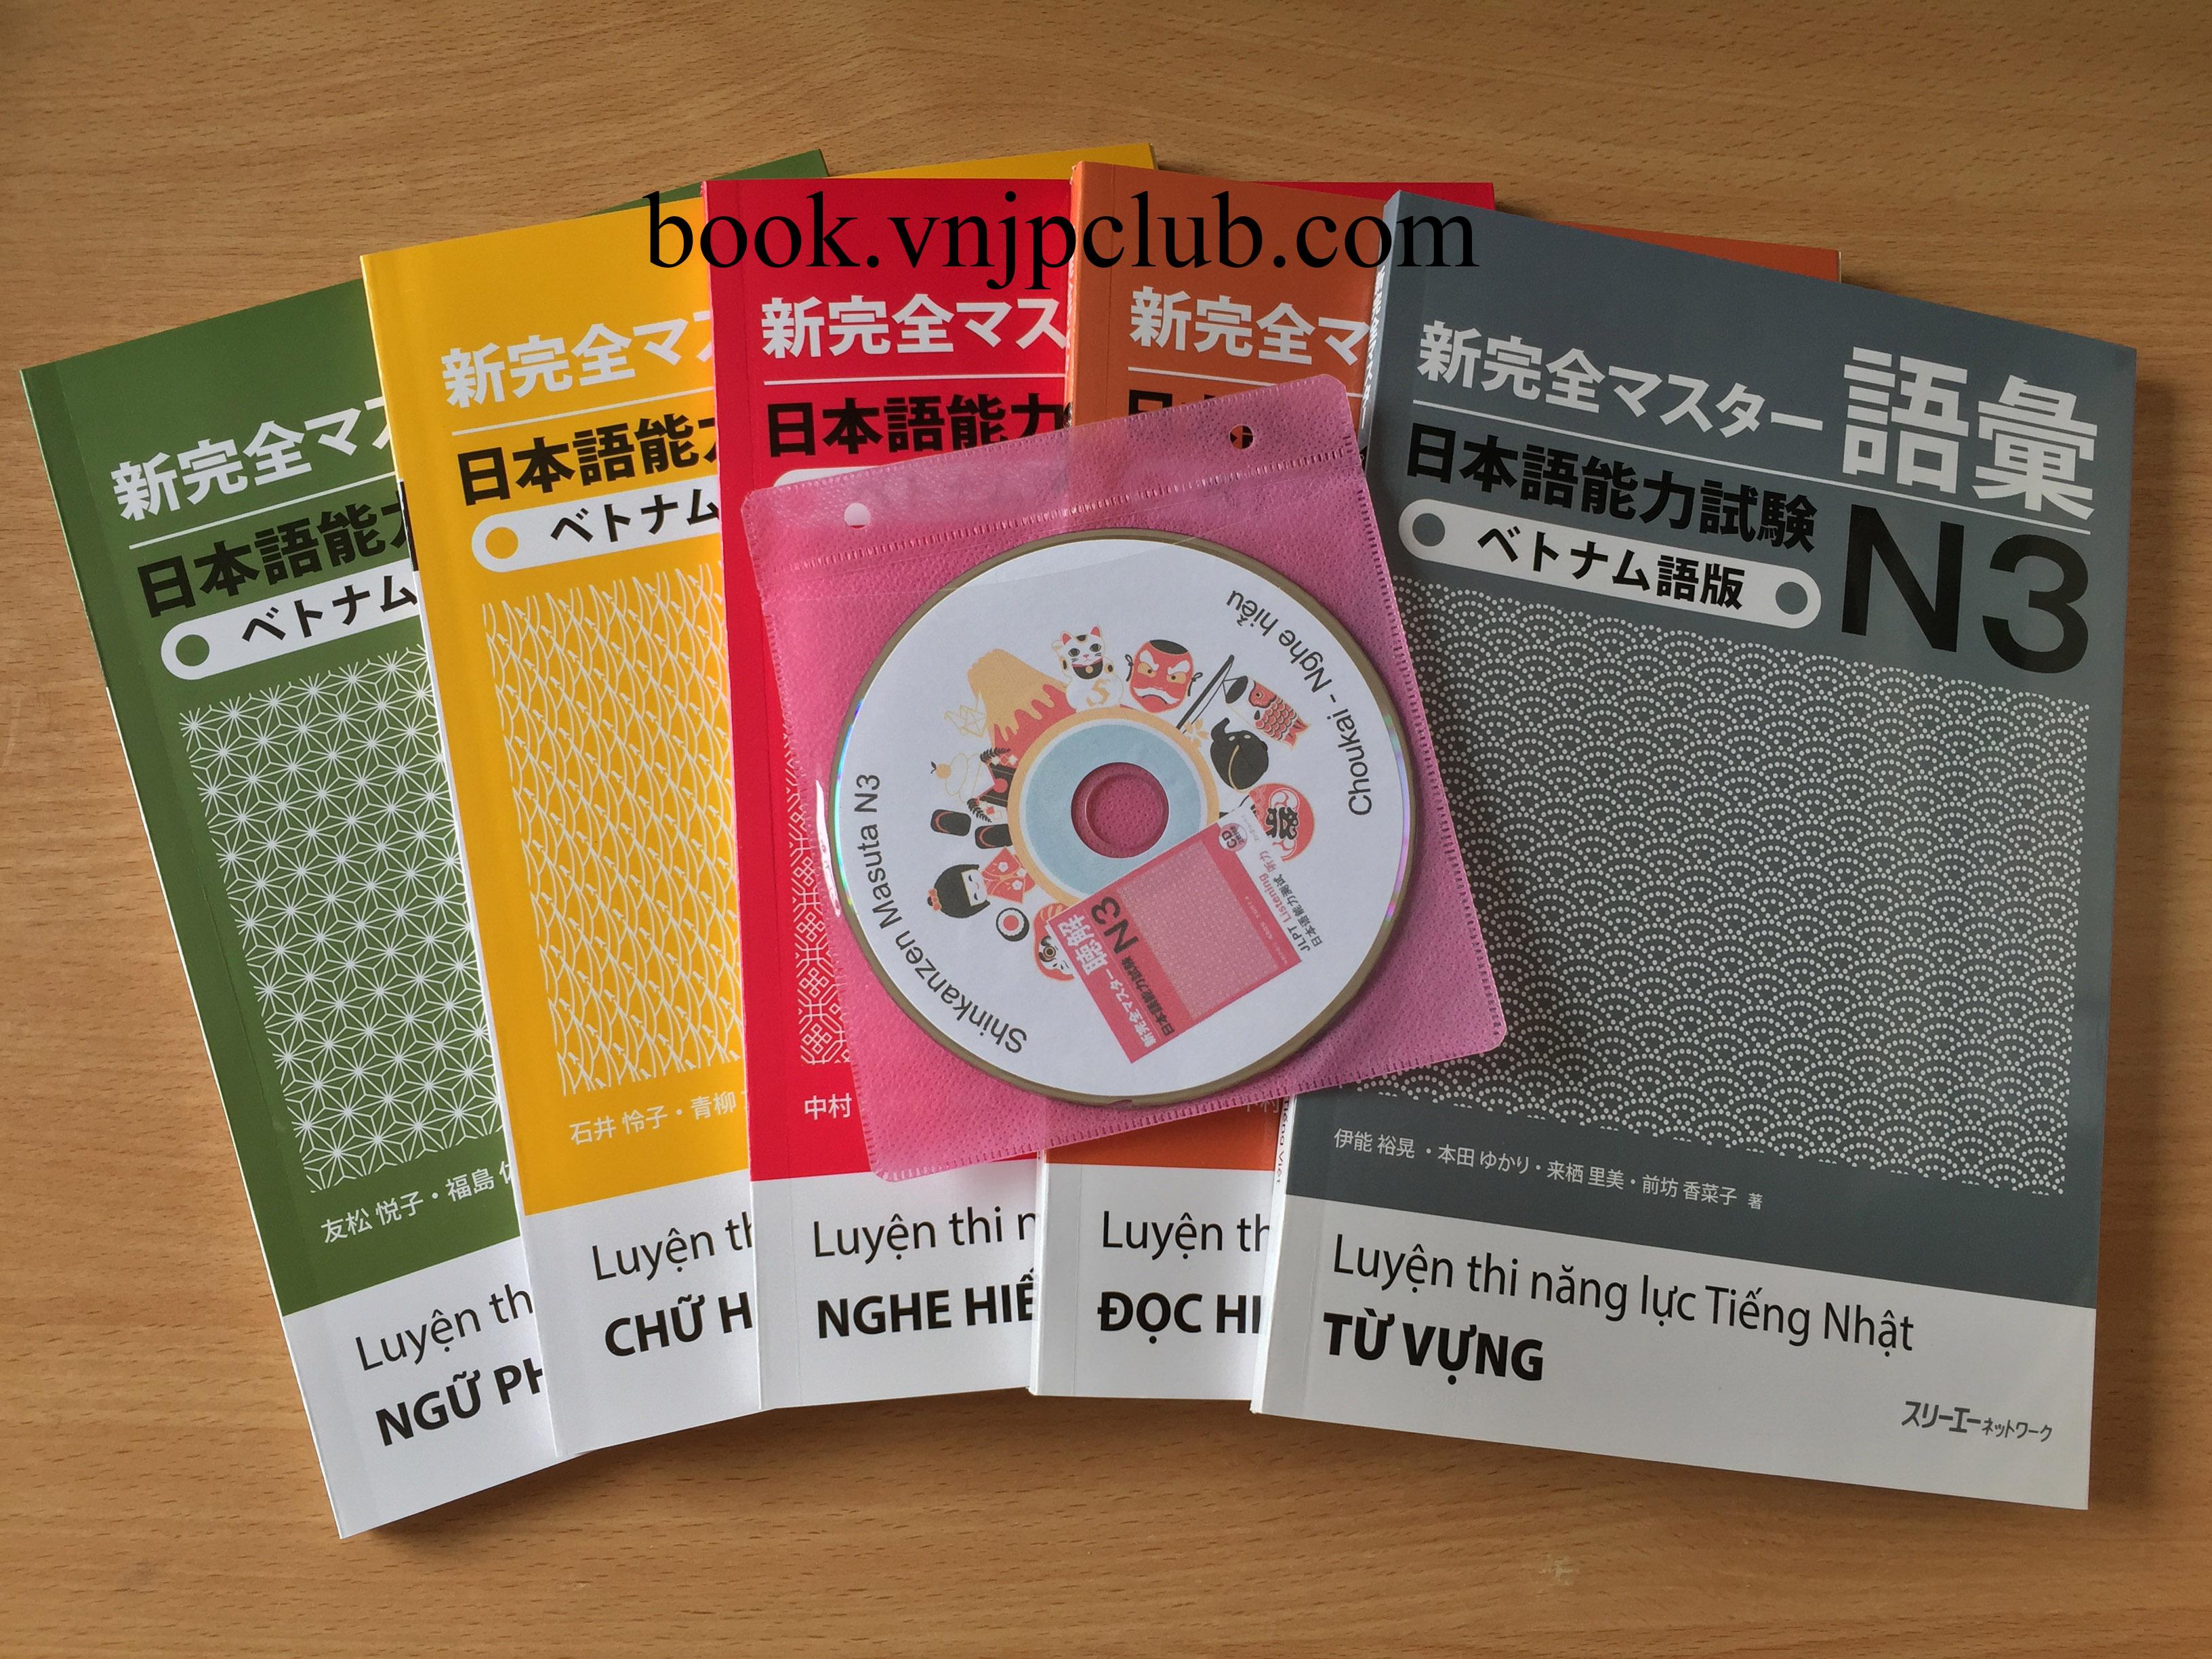 Bộ Shinkanzen Master N3. Trọn Bộ 5 Cuốn In Màu (bản Dịch Tiếng Việt Kèm CD) - Bộ Shinkanzen Masuta N3 - Bộ Shinkanzen N3 - Vnjpbook Giá Tốt Duy Nhất tại Lazada